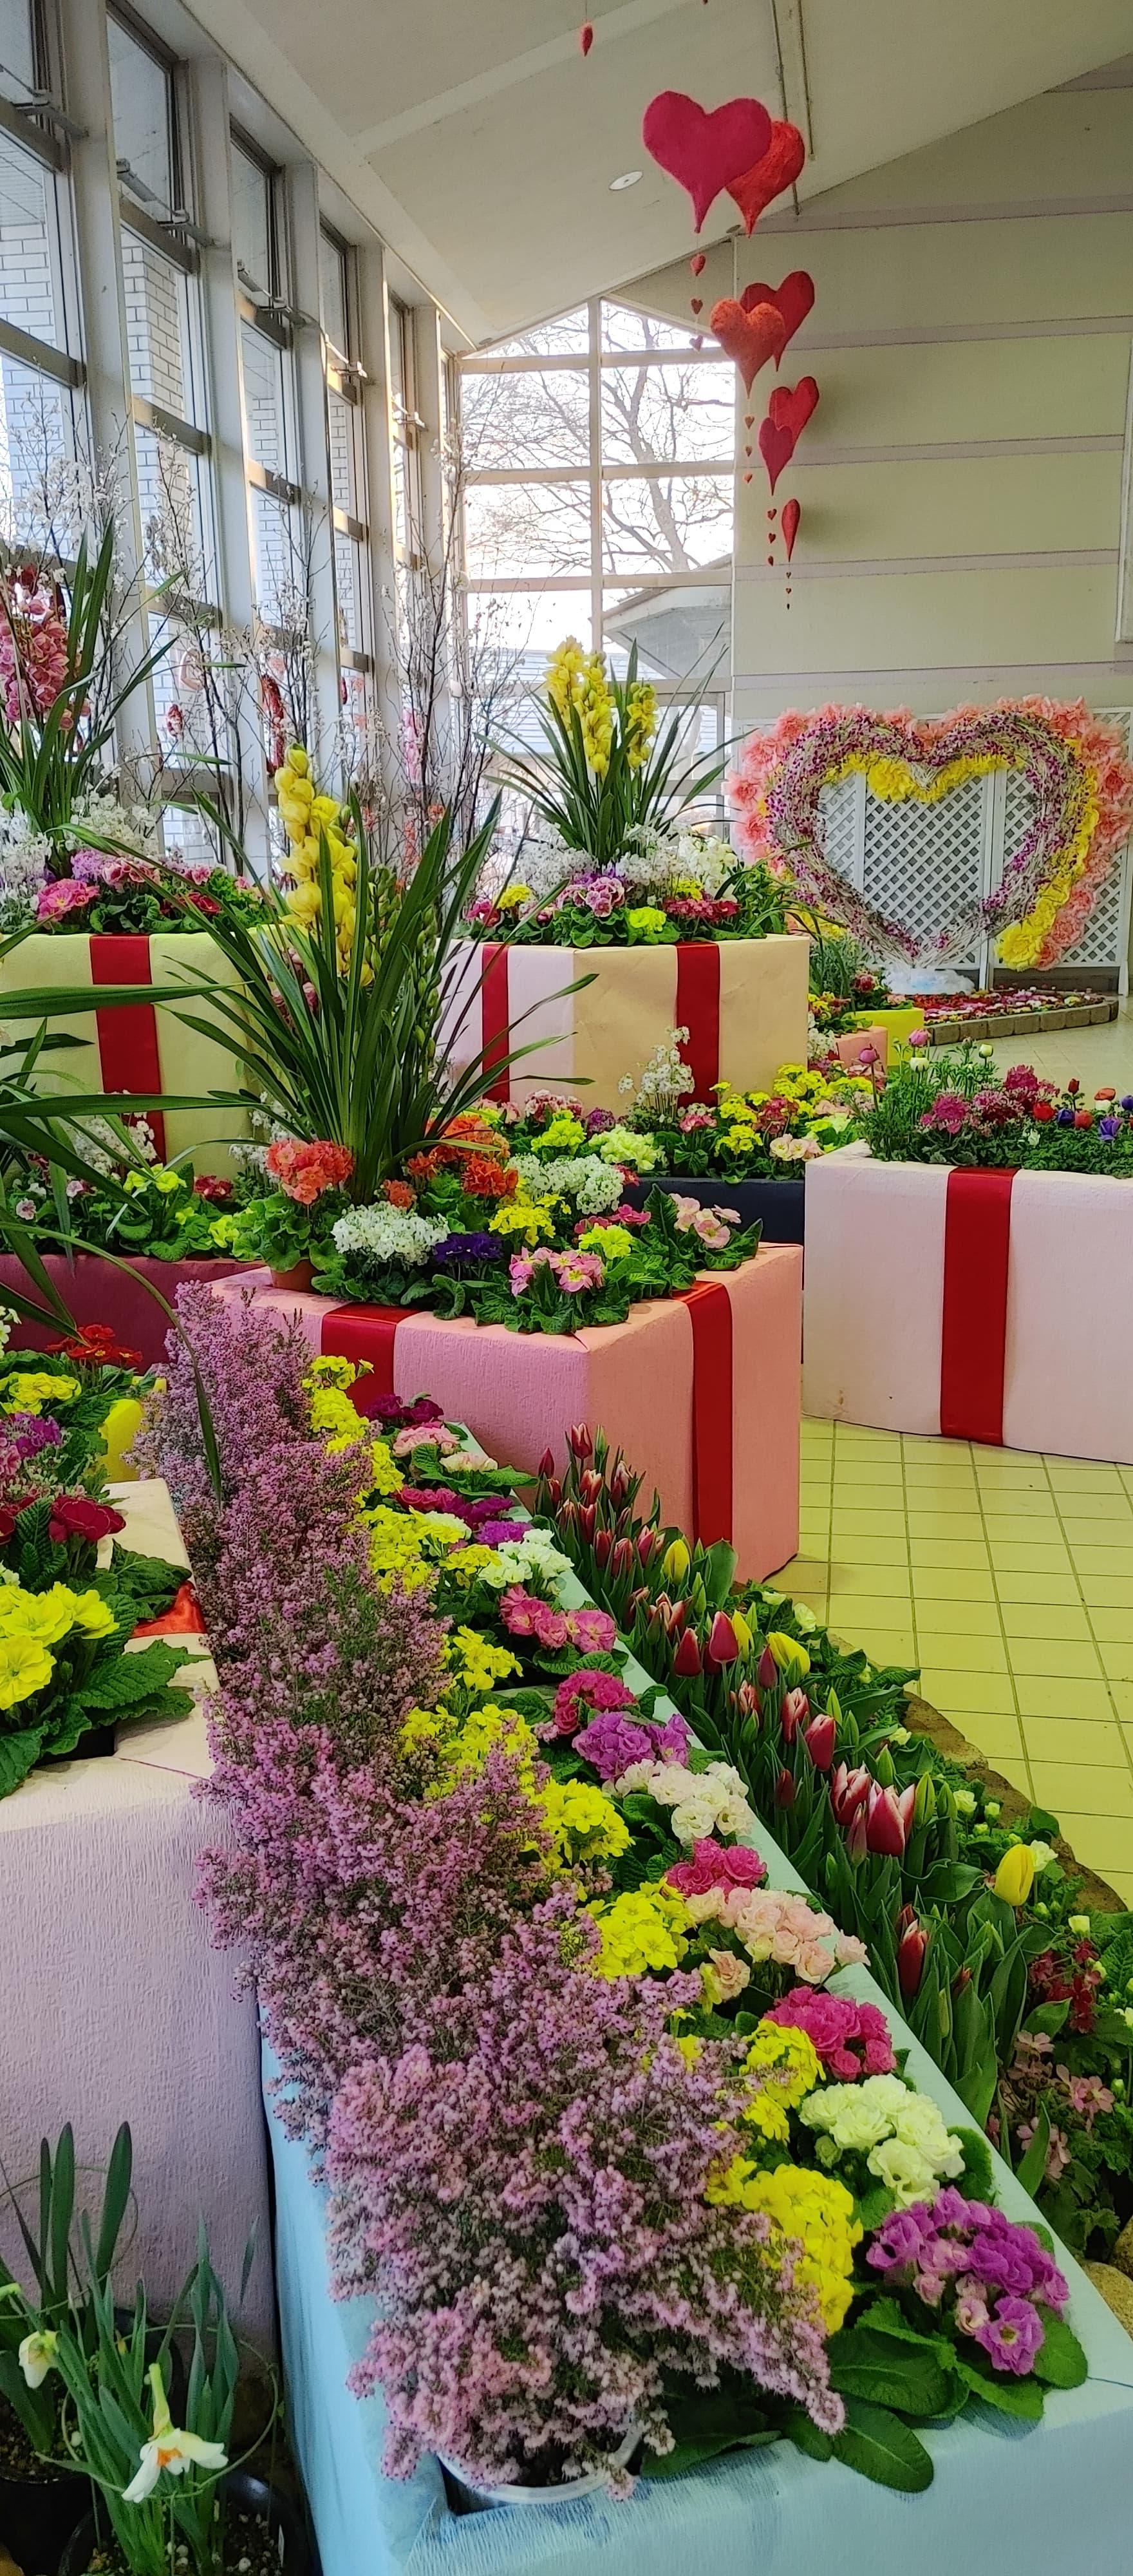 エレガガーデン早春の花まつり